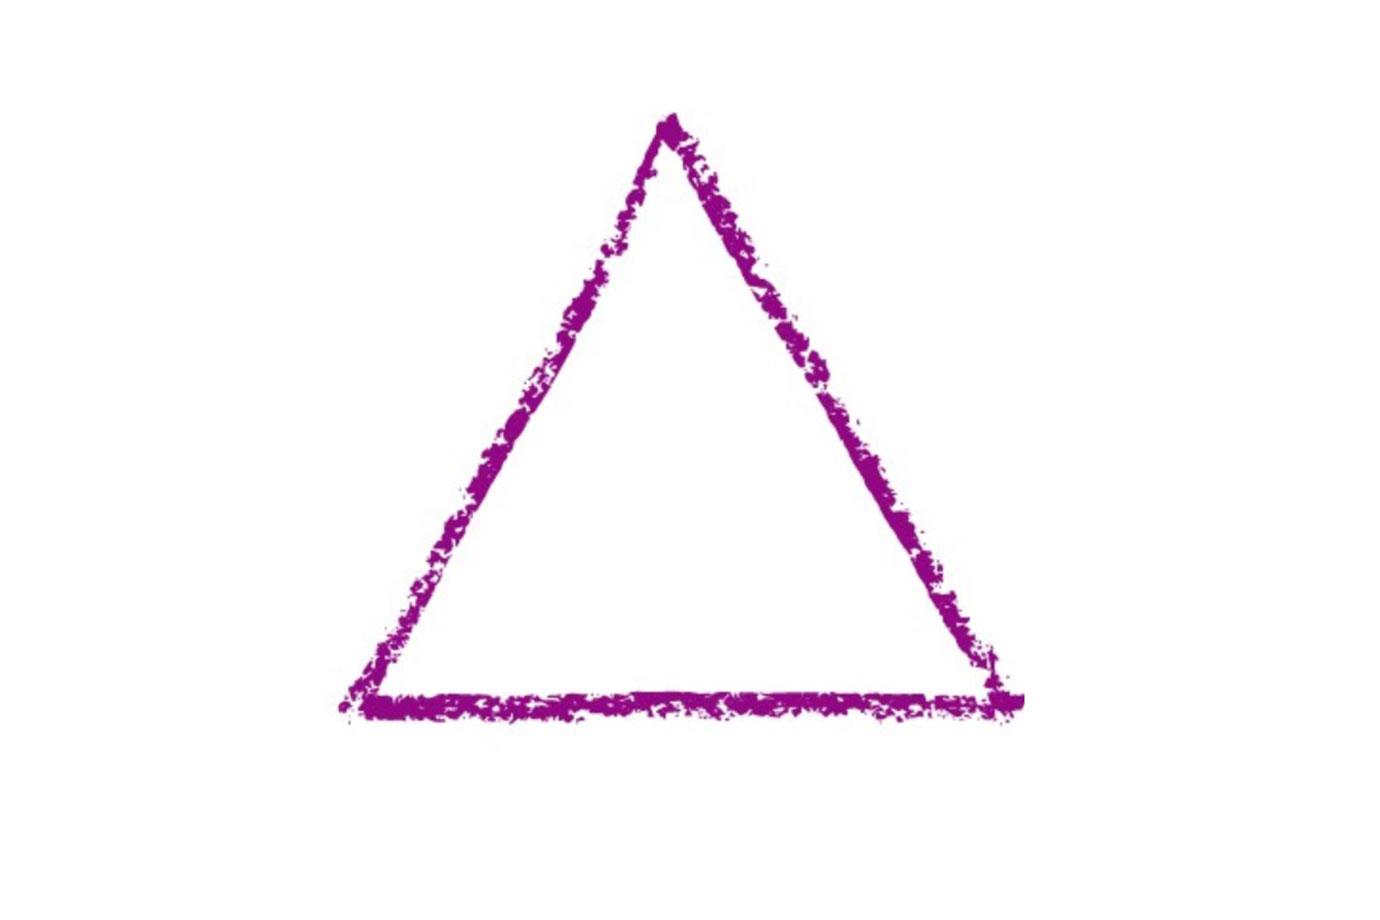 「△」が描けるのは5歳児の平均的な知能発達段階